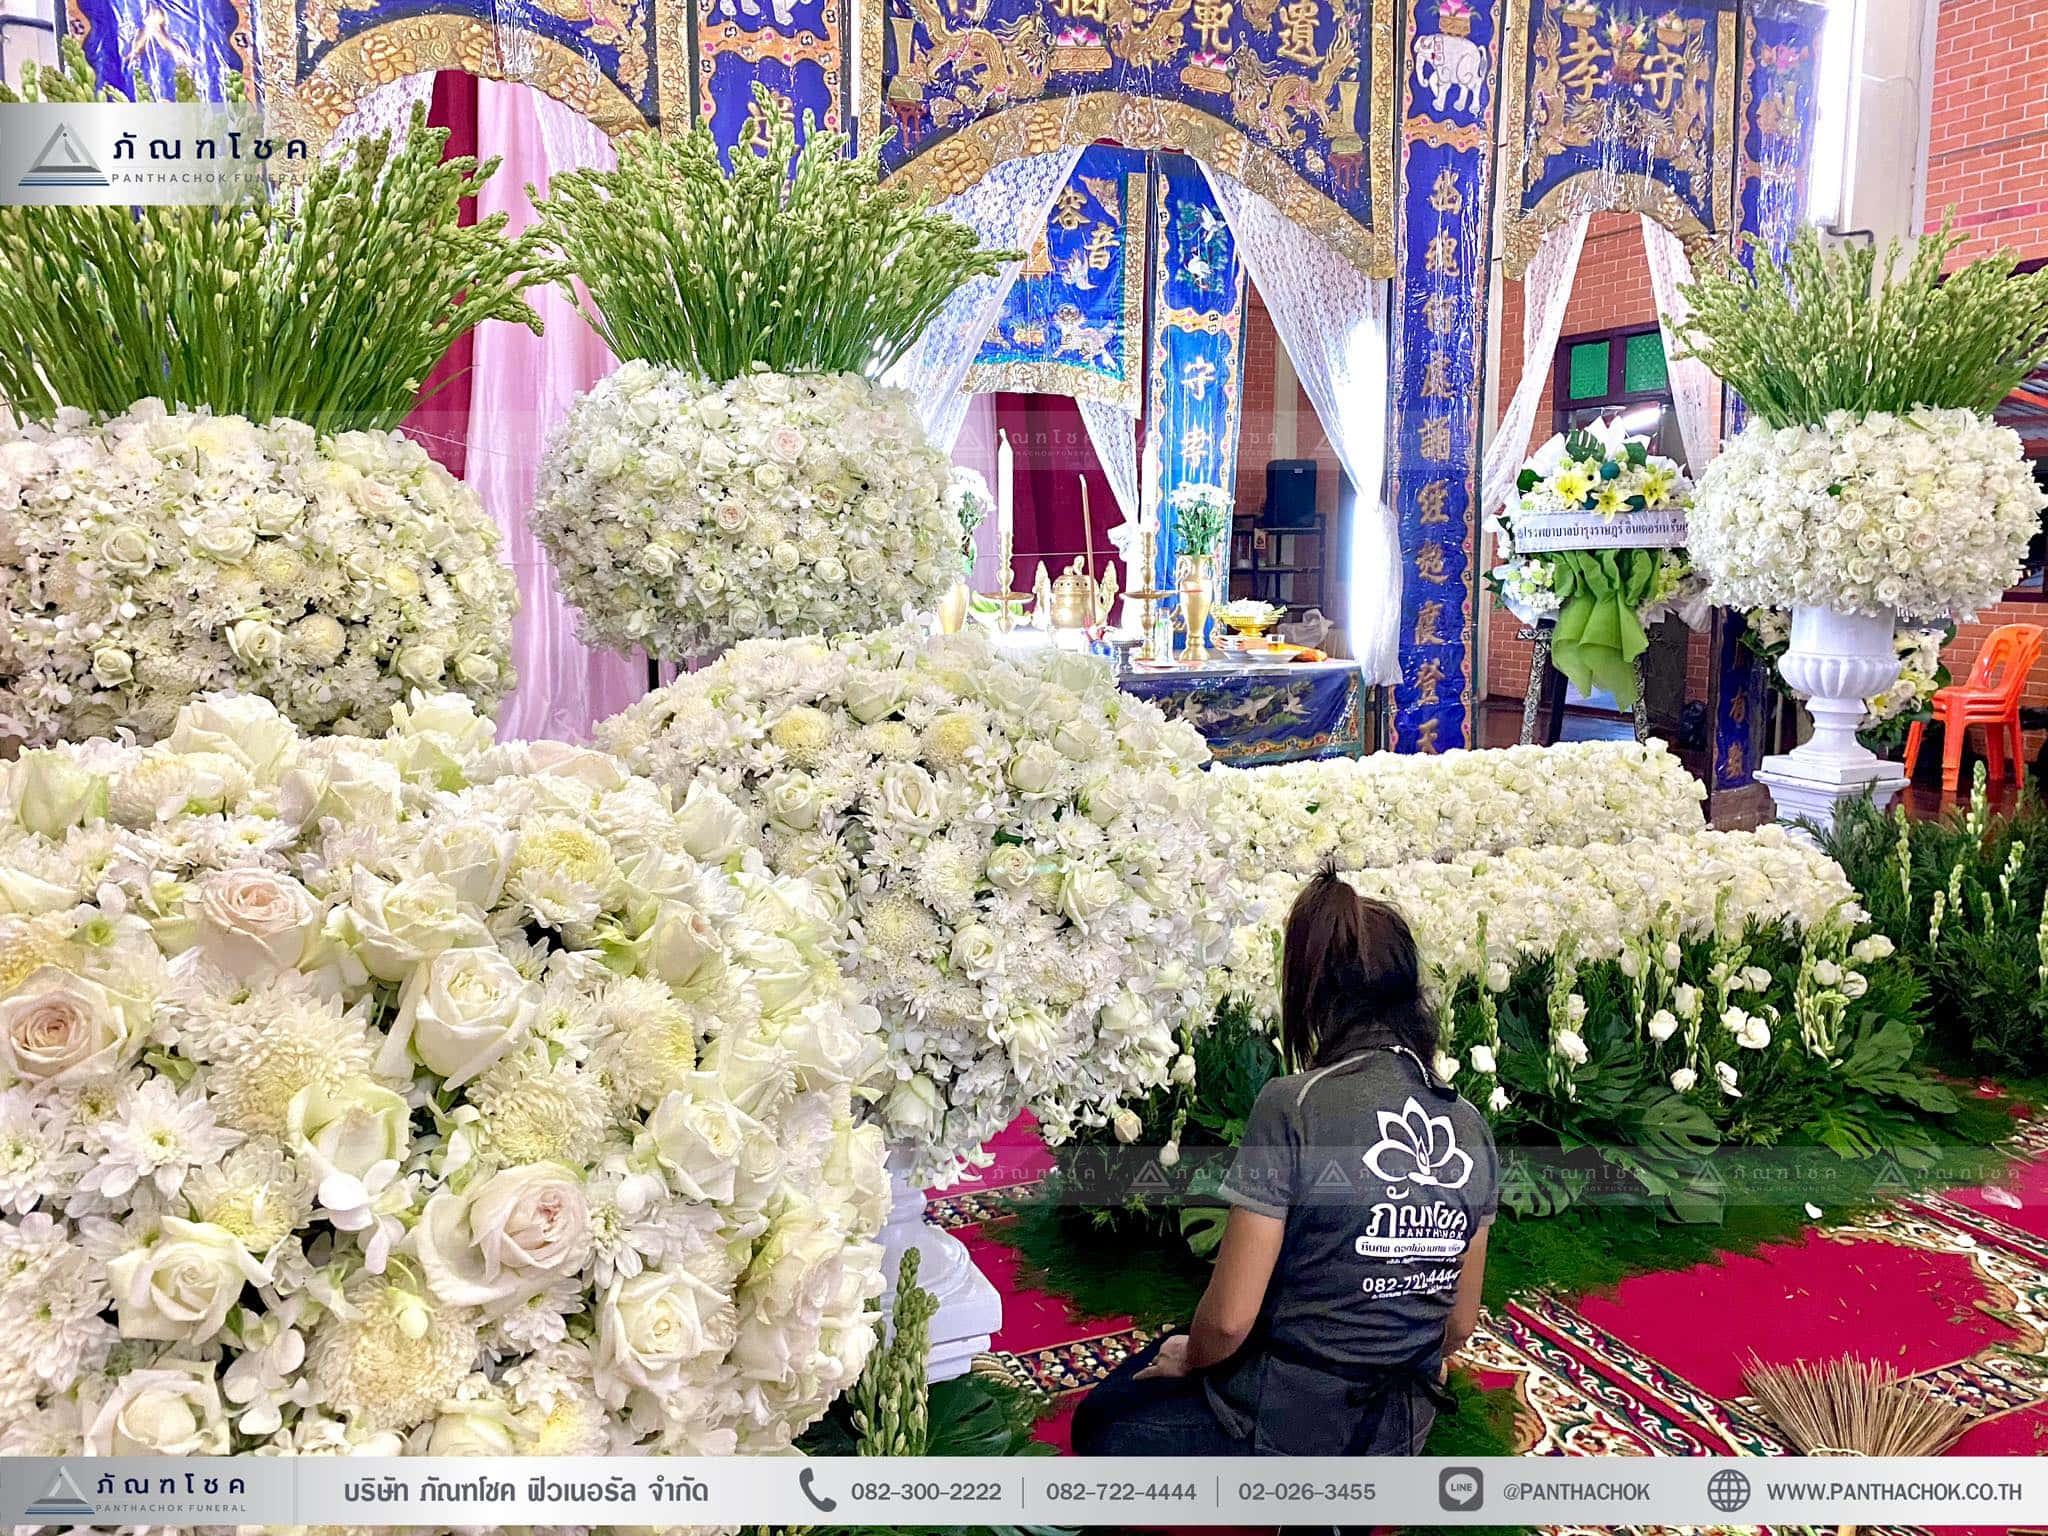 ดอกไม้ประดับหน้าฉากกงเต๊ก ณ วัดลาดบัวหลวง พระนครศรีอยุธยา 7